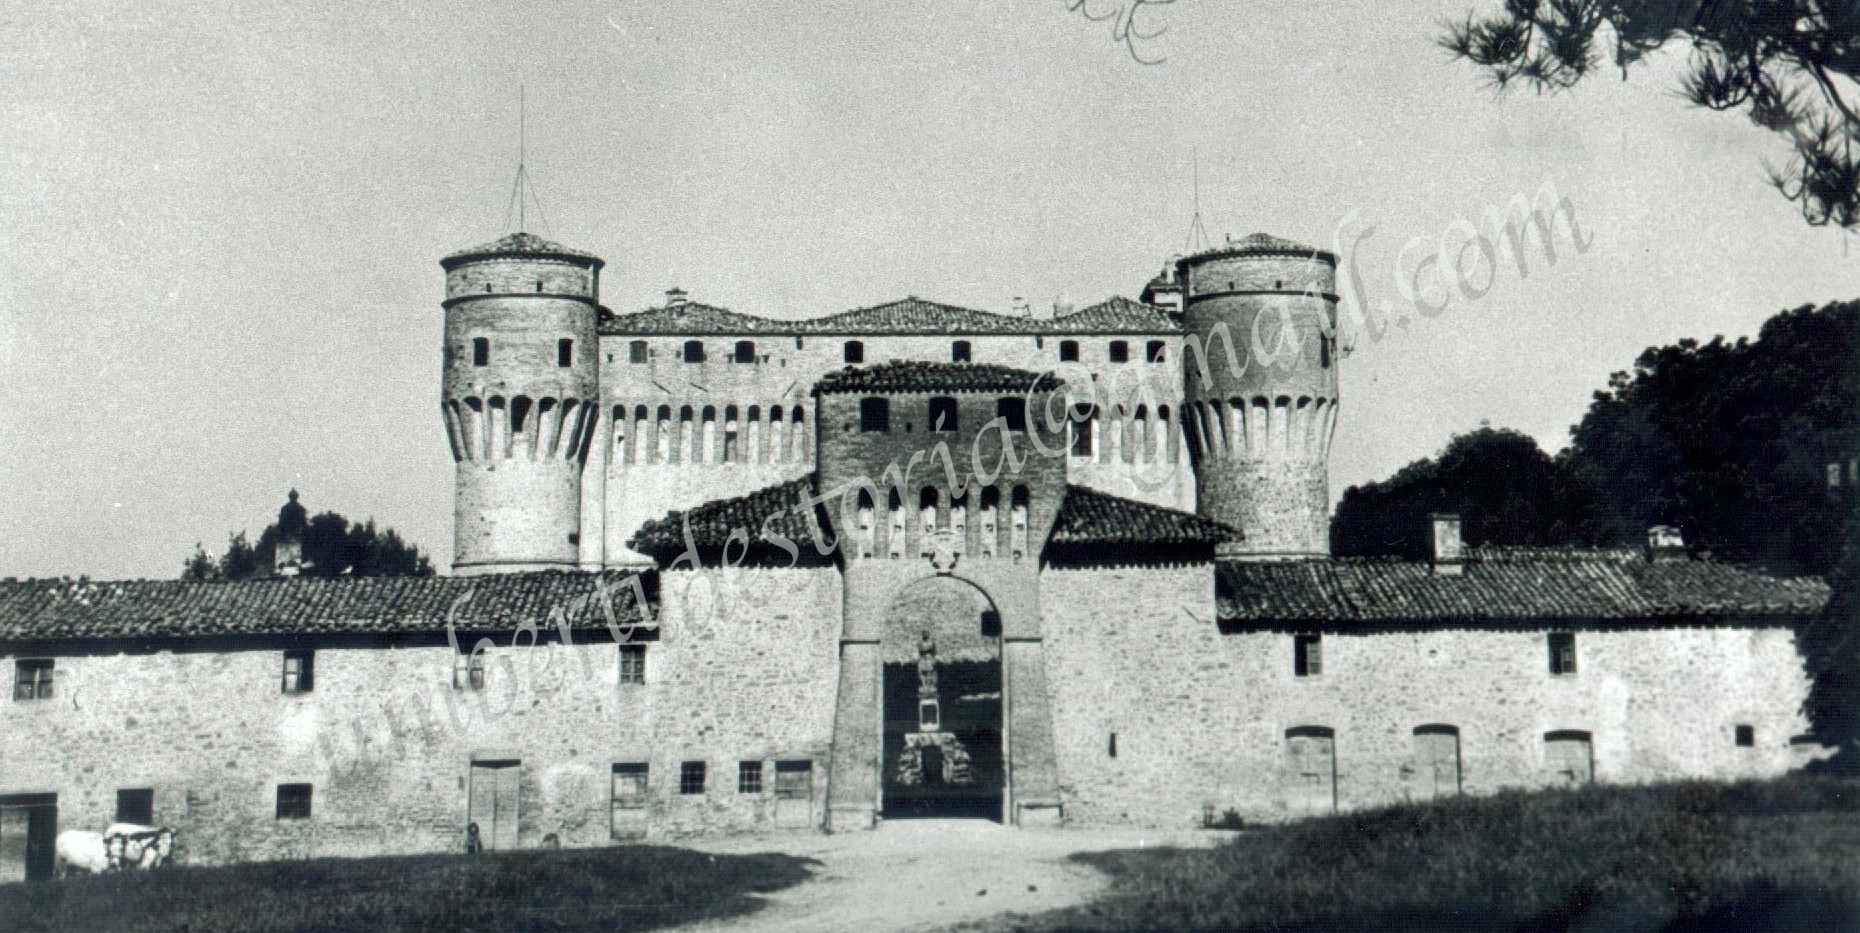 CASTELLO DI CIVITELLA RANIERI - 1917Stor